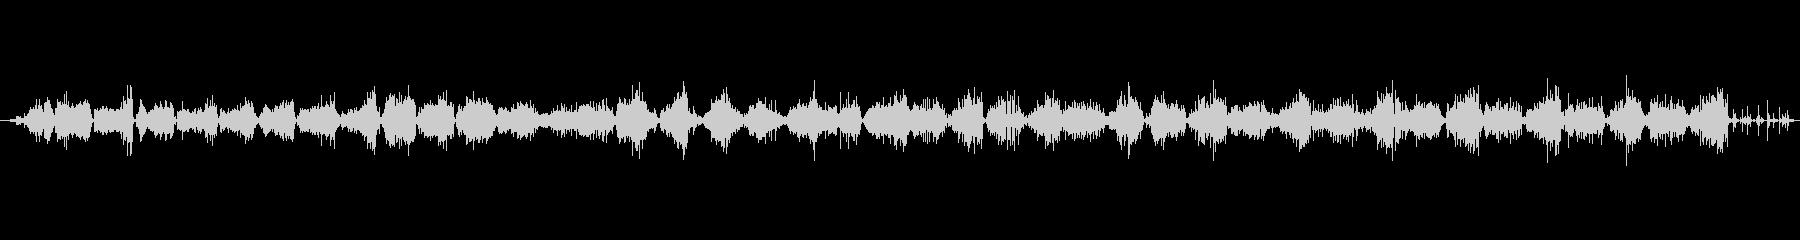 レザー クリークシーケンスFast 01の未再生の波形